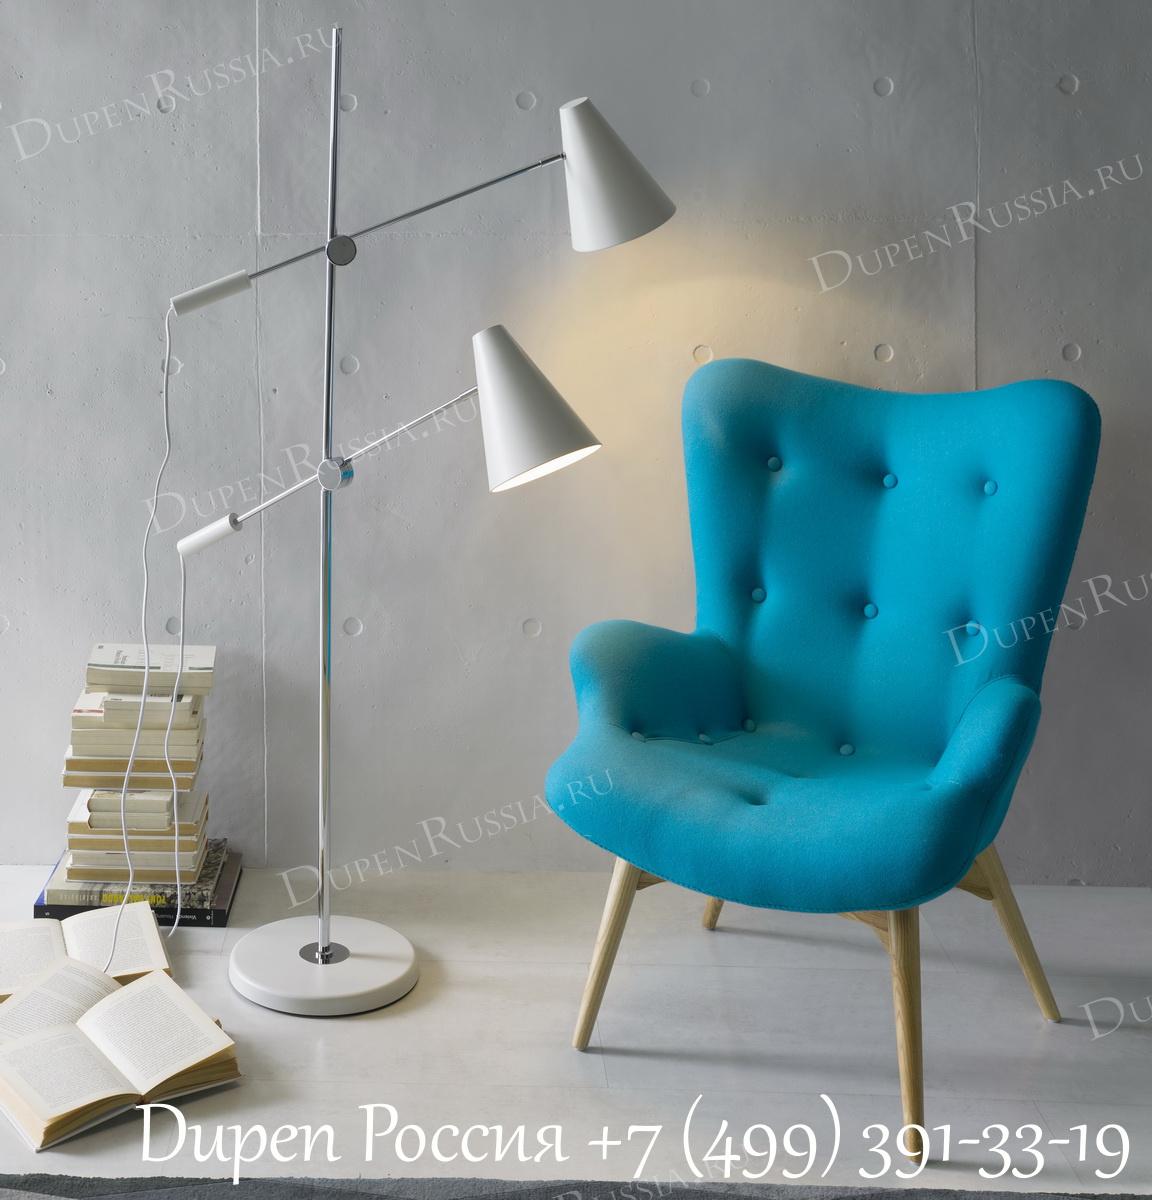 Торшер LF-13030WH White и Кресло DUPEN 917 Голубое